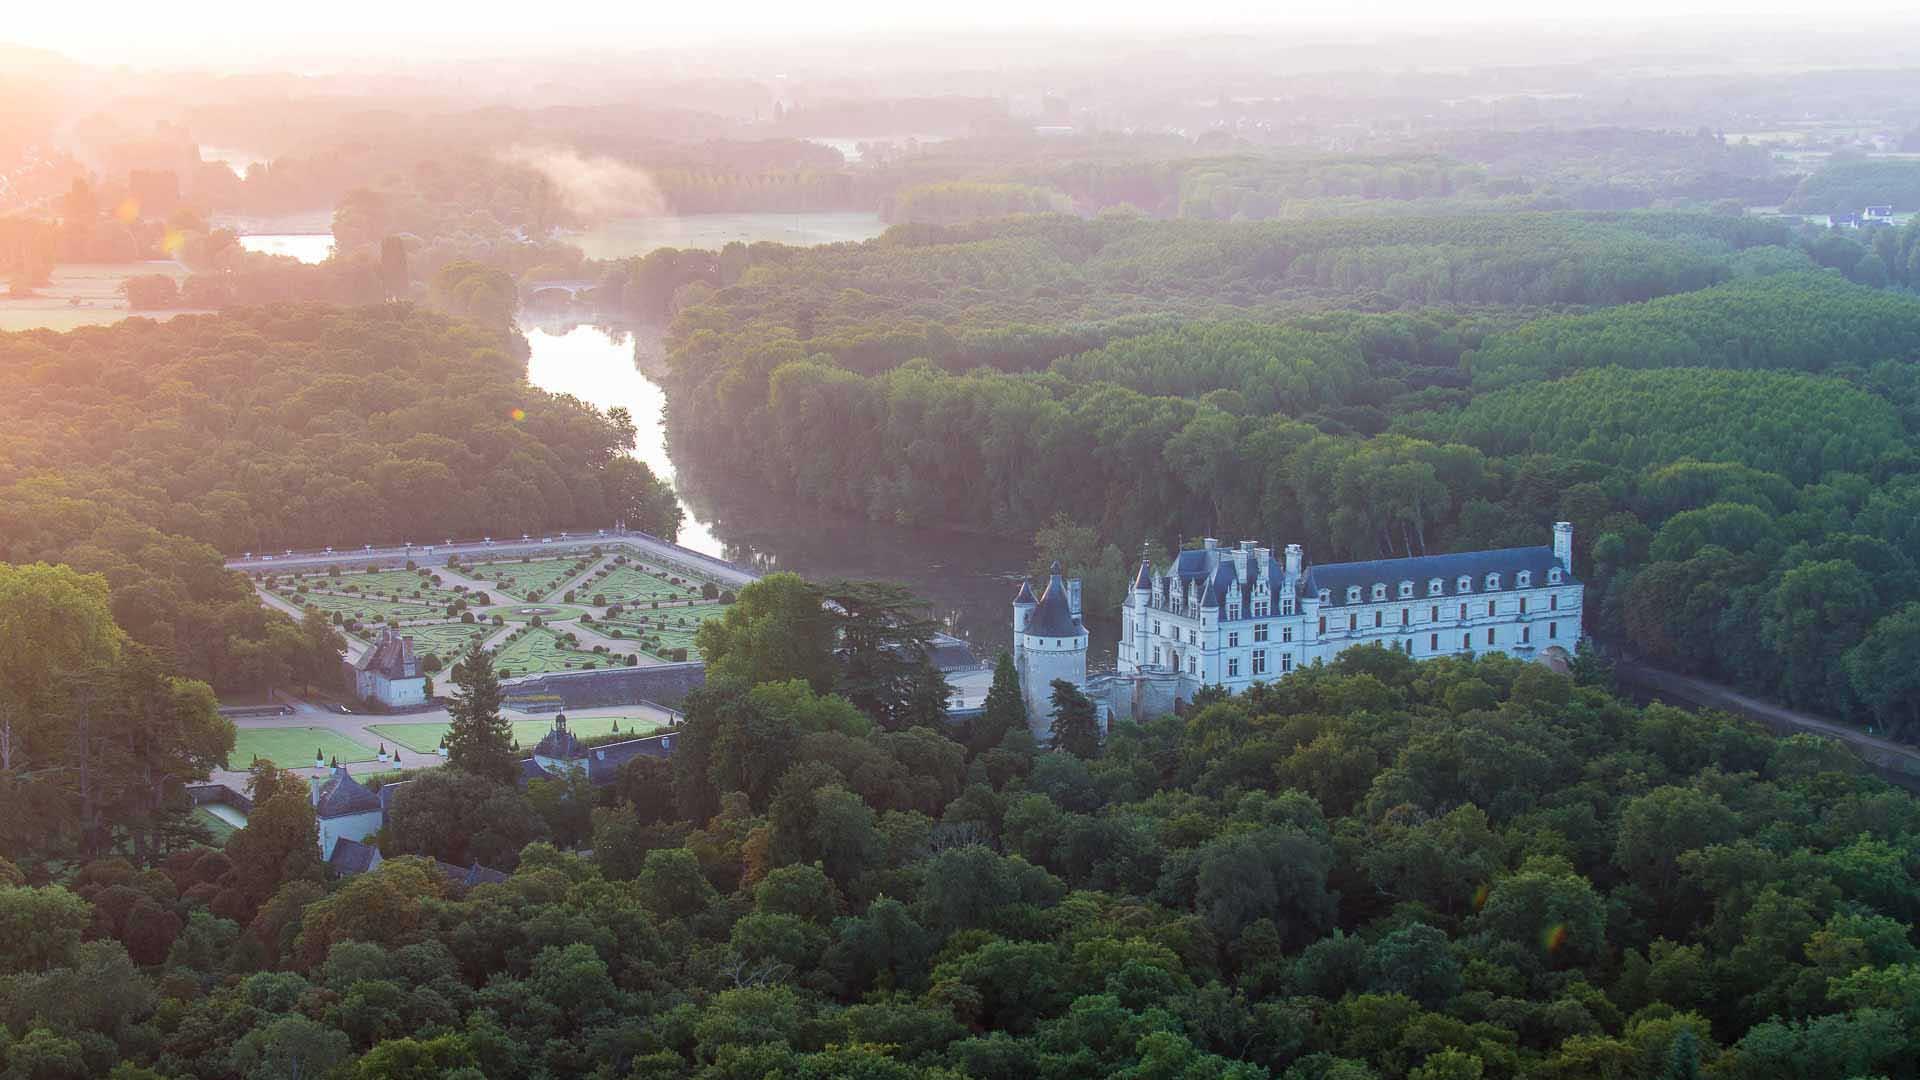 Vue sur la vallée du Cher et sur Chenonceau, le château de Catherine de Médicis - Un emblème du patrimoine français